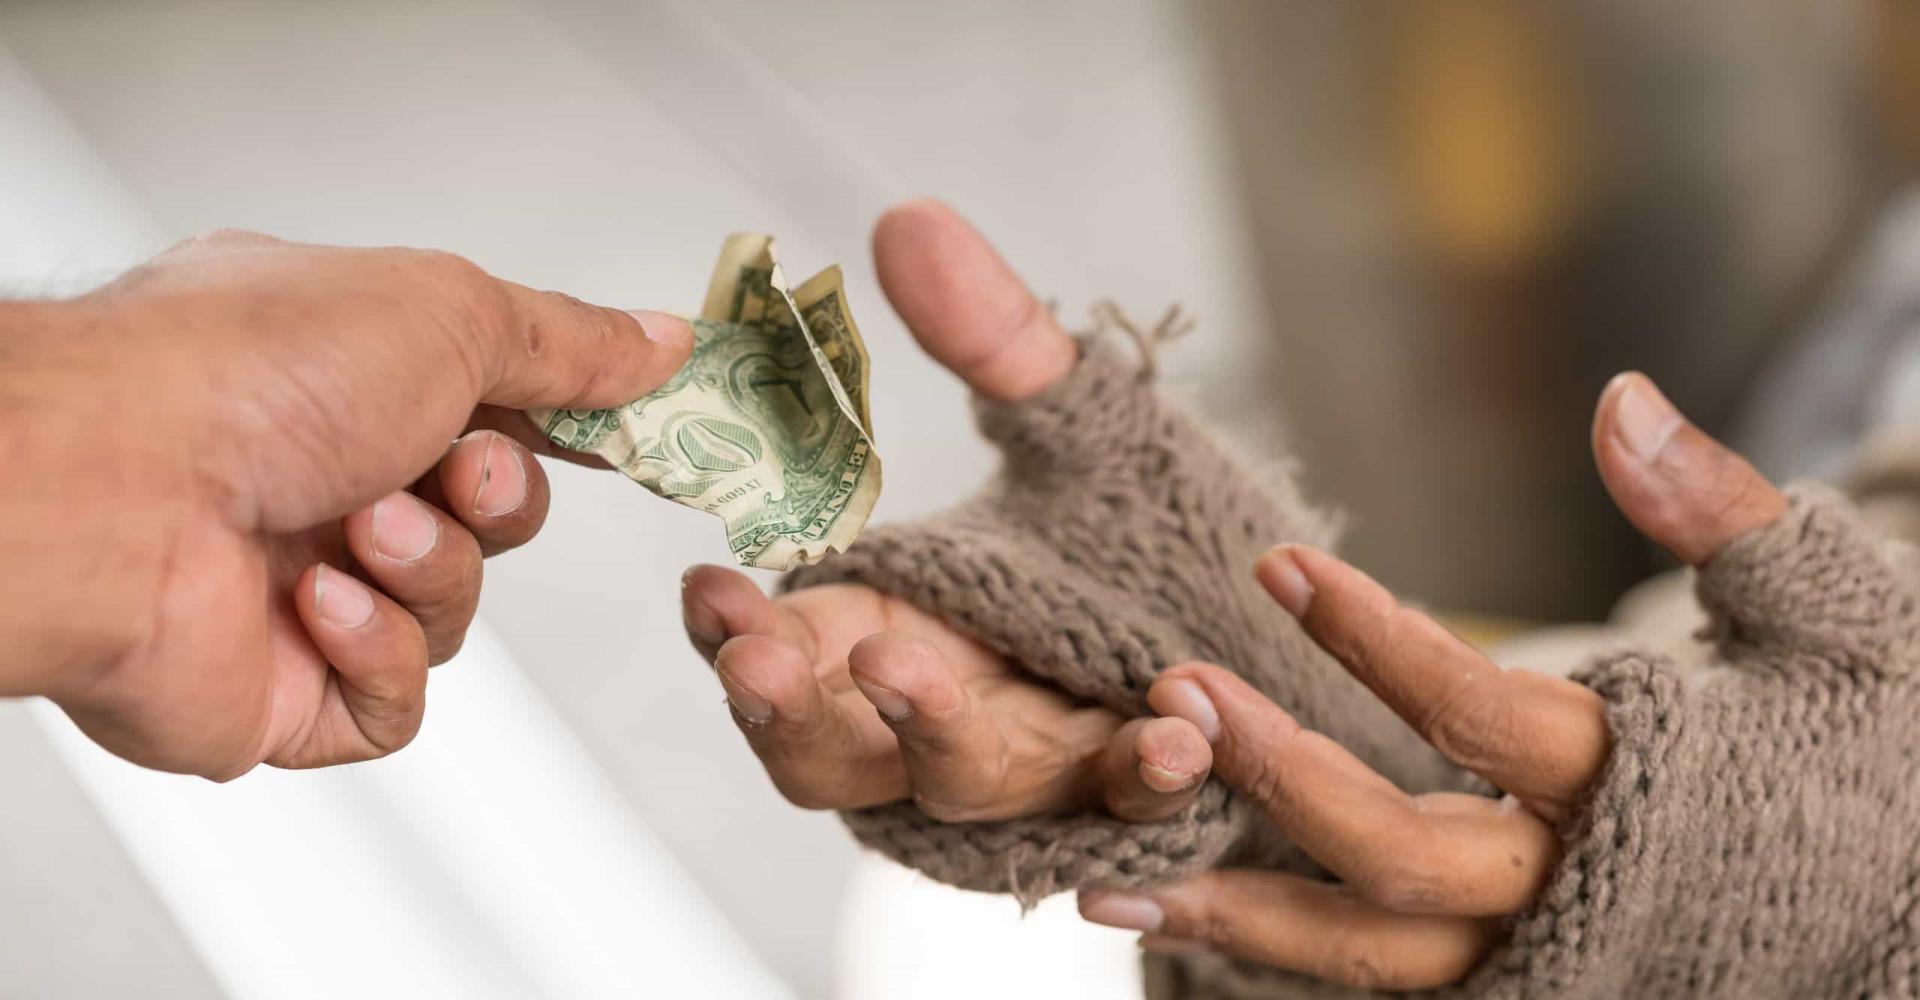 Mensen met minder geld zijn guller